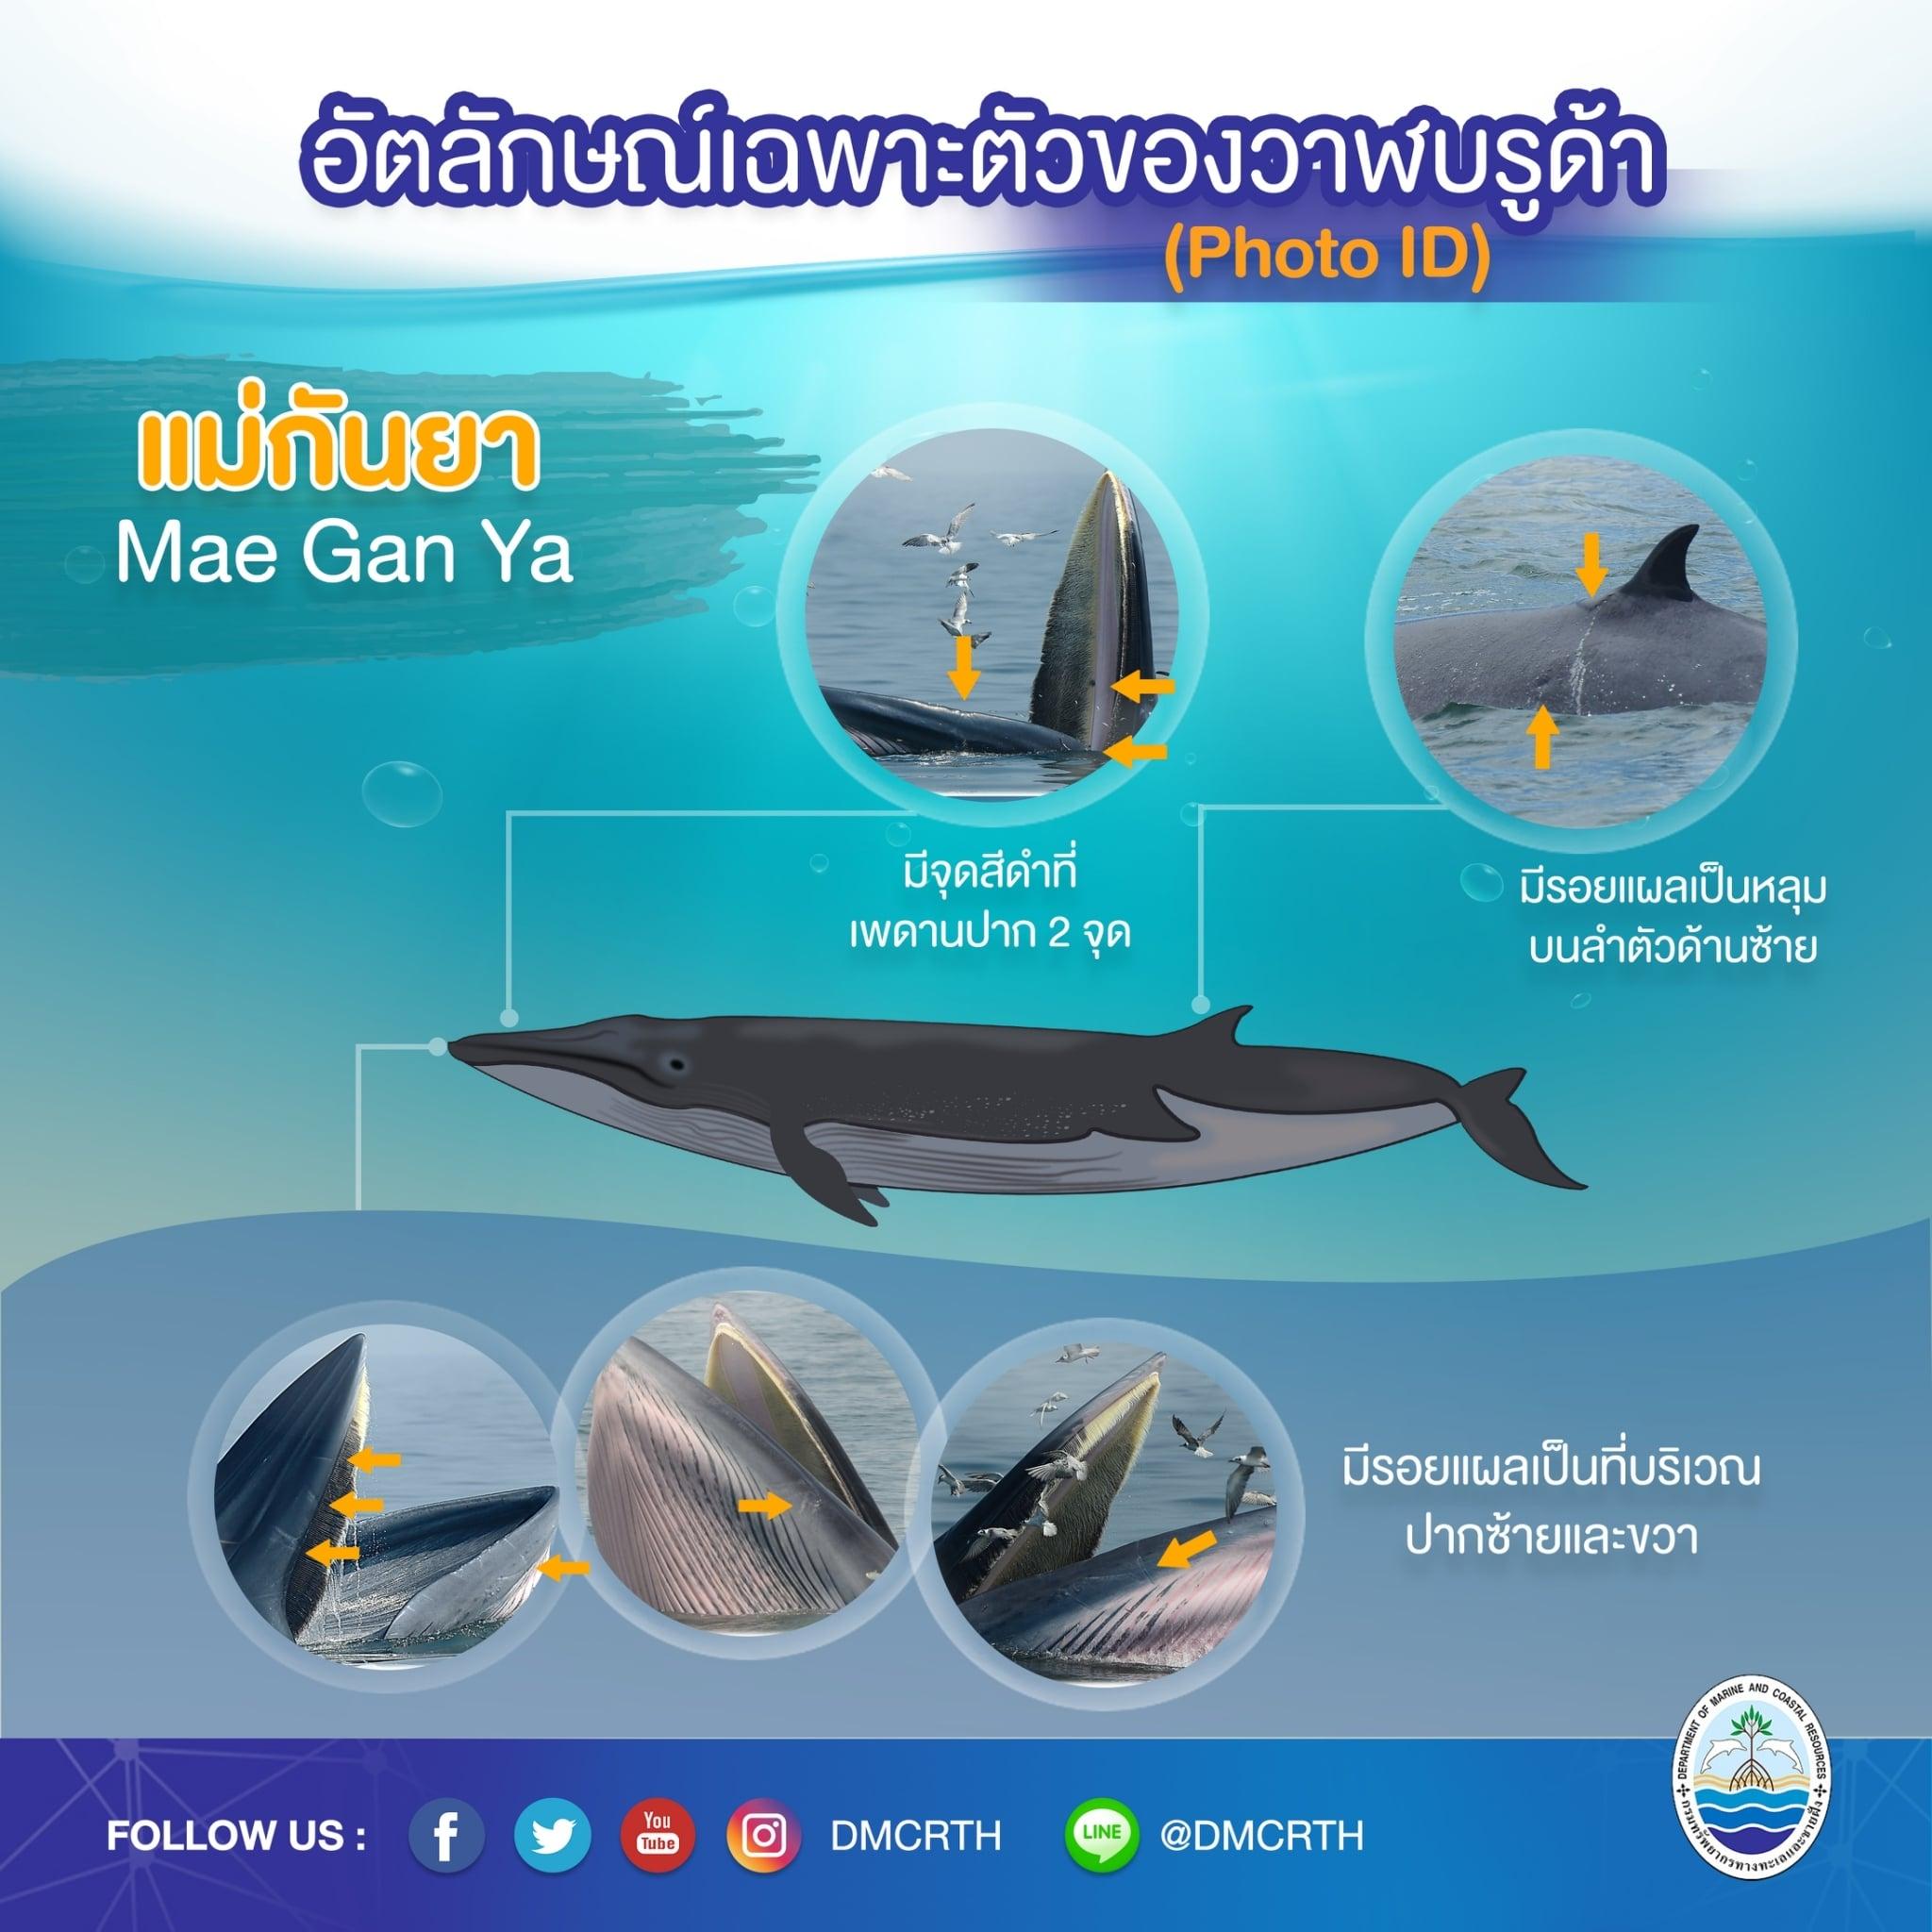 วันละวาฬ มารู้จัก ๖๐ วาฬบรูด้าในน่านน้ำไทย #๑๐ แม่กันยา